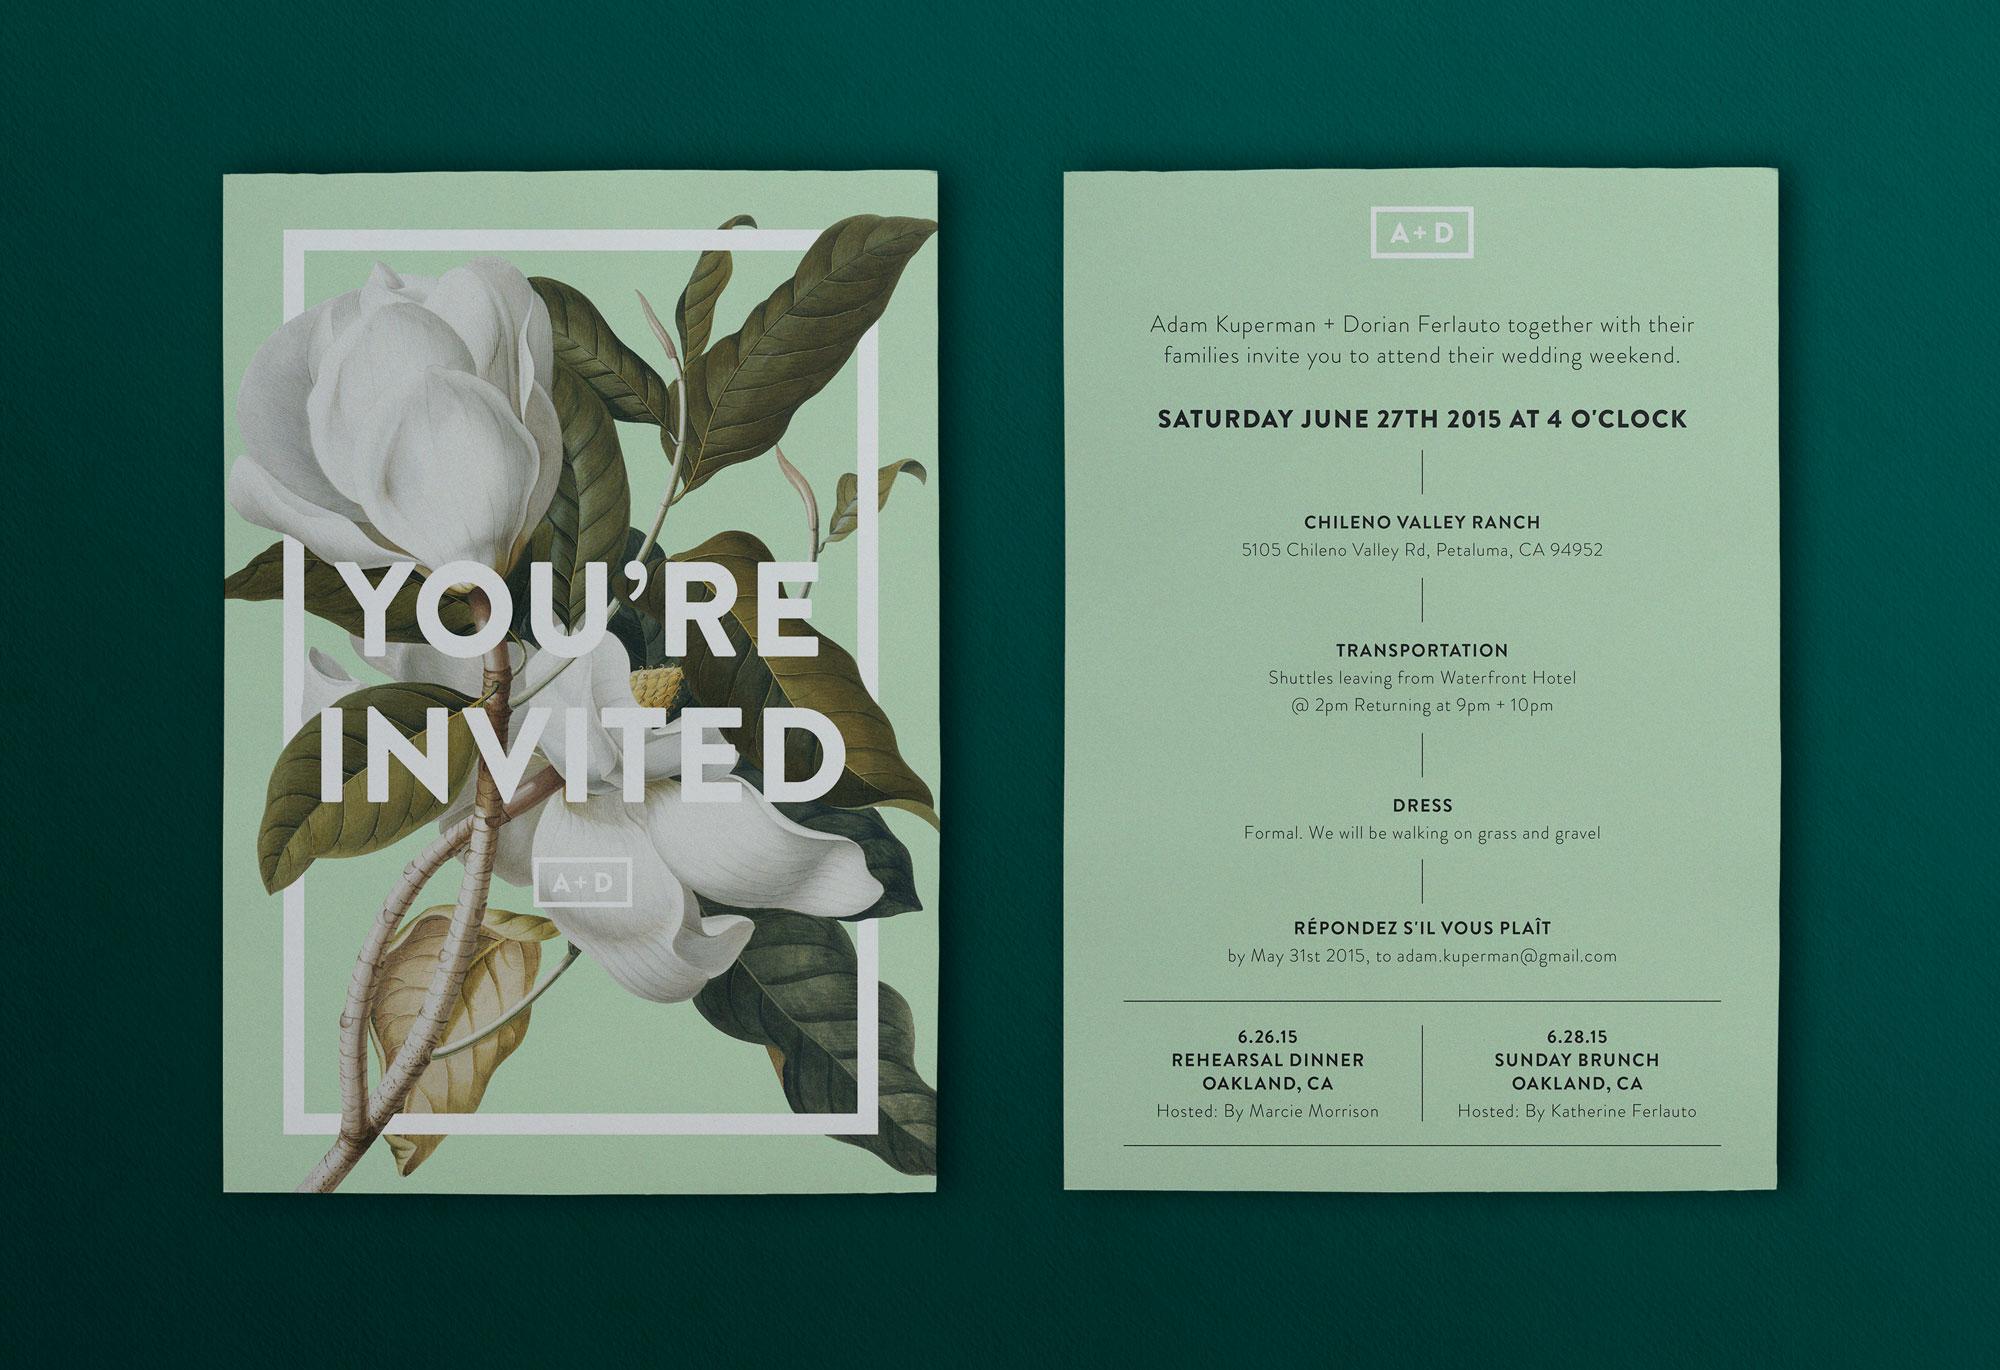 Convite de casamento primavera: horários